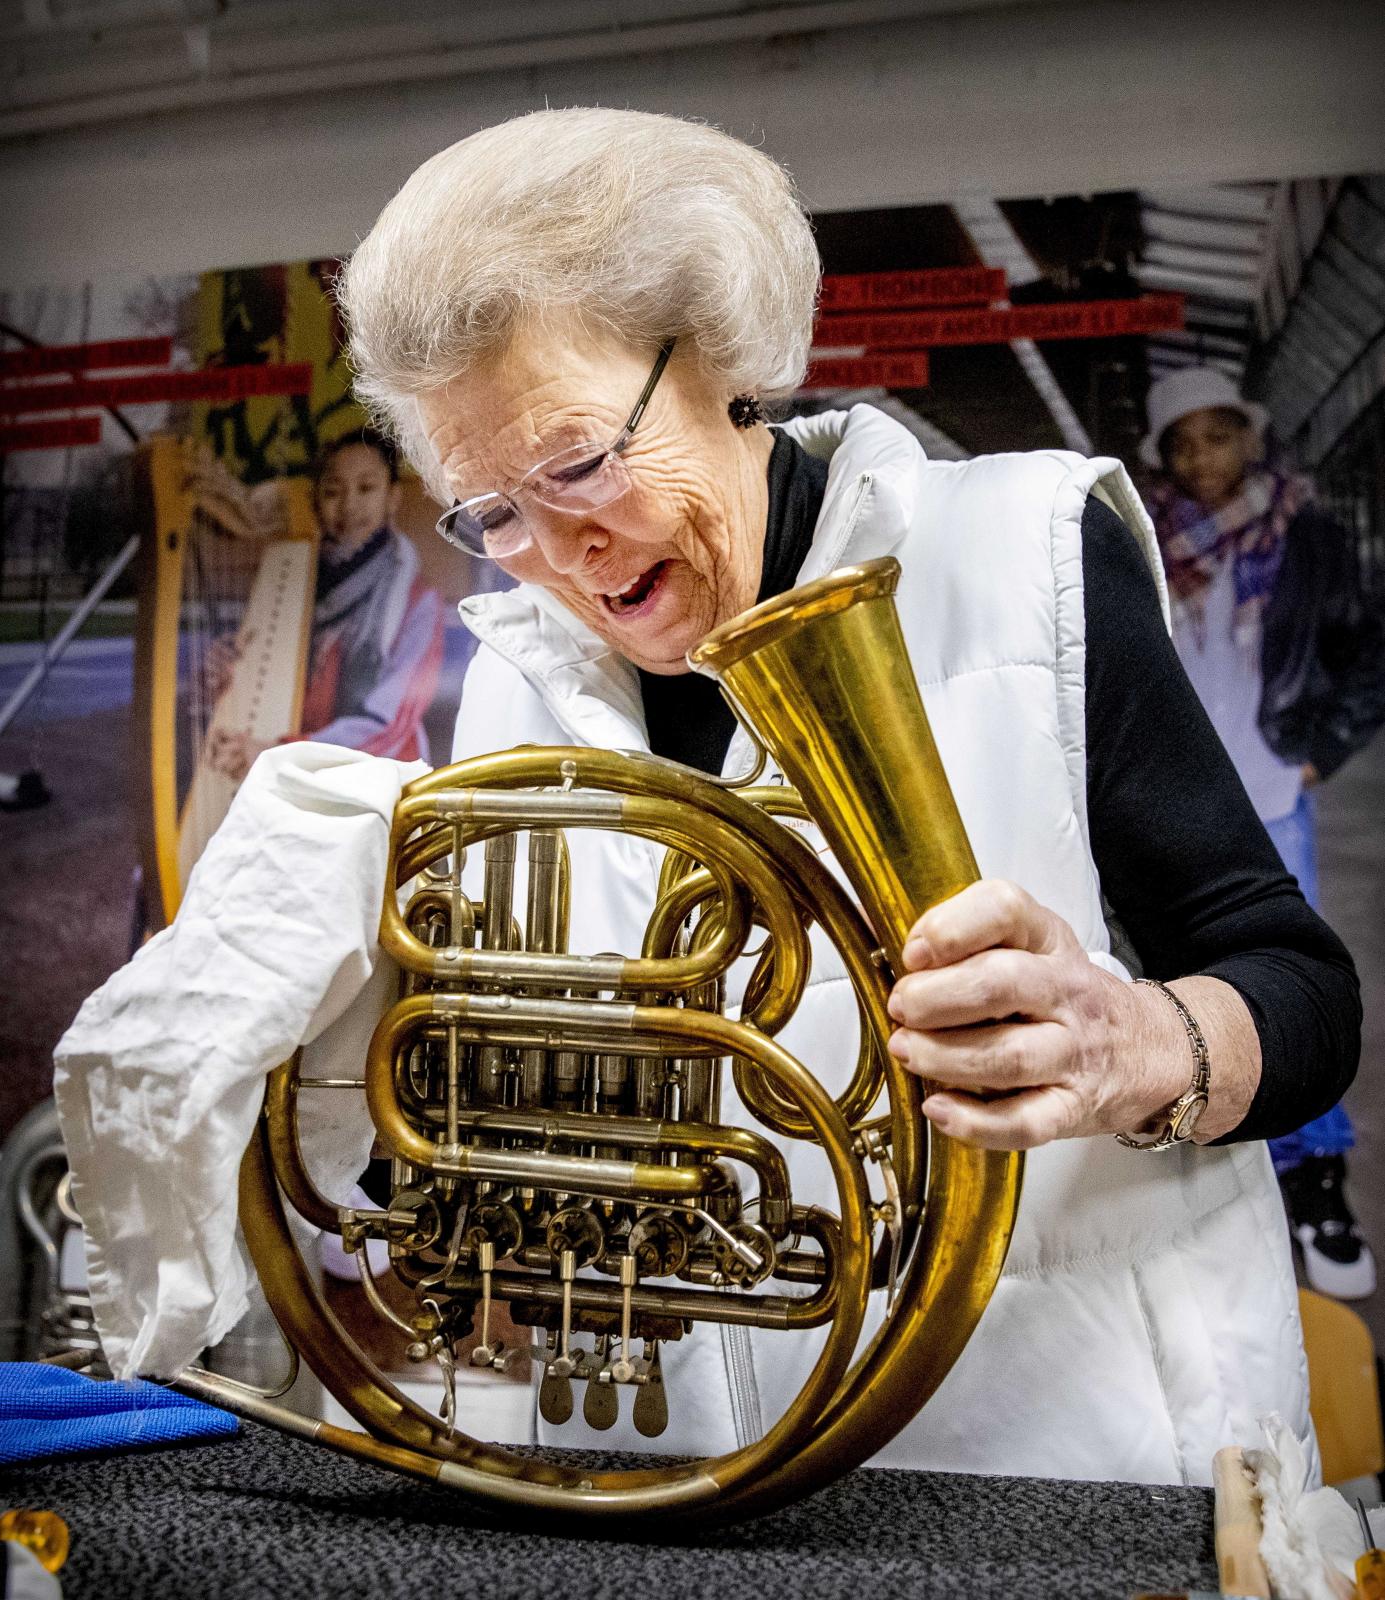 Holenderska Księżniczka Beatrix pomaga czyścić instrumenty muzyczne  EPA/PATRICK VAN KATWIJK